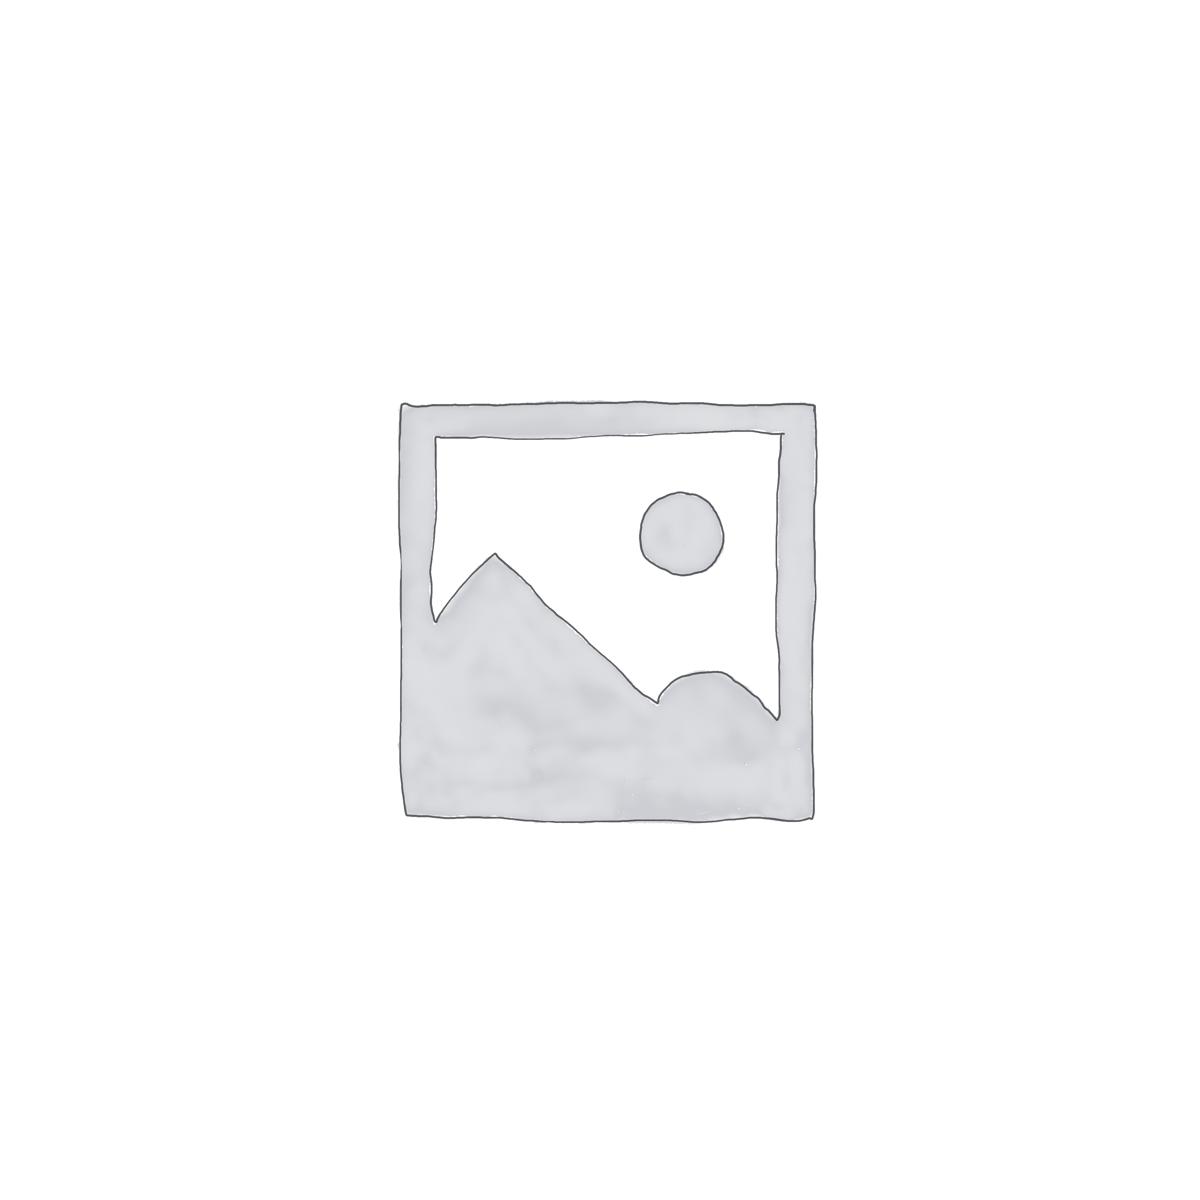 Klappspiegel fürs Bad mit Beleuchtung – 3 teilig